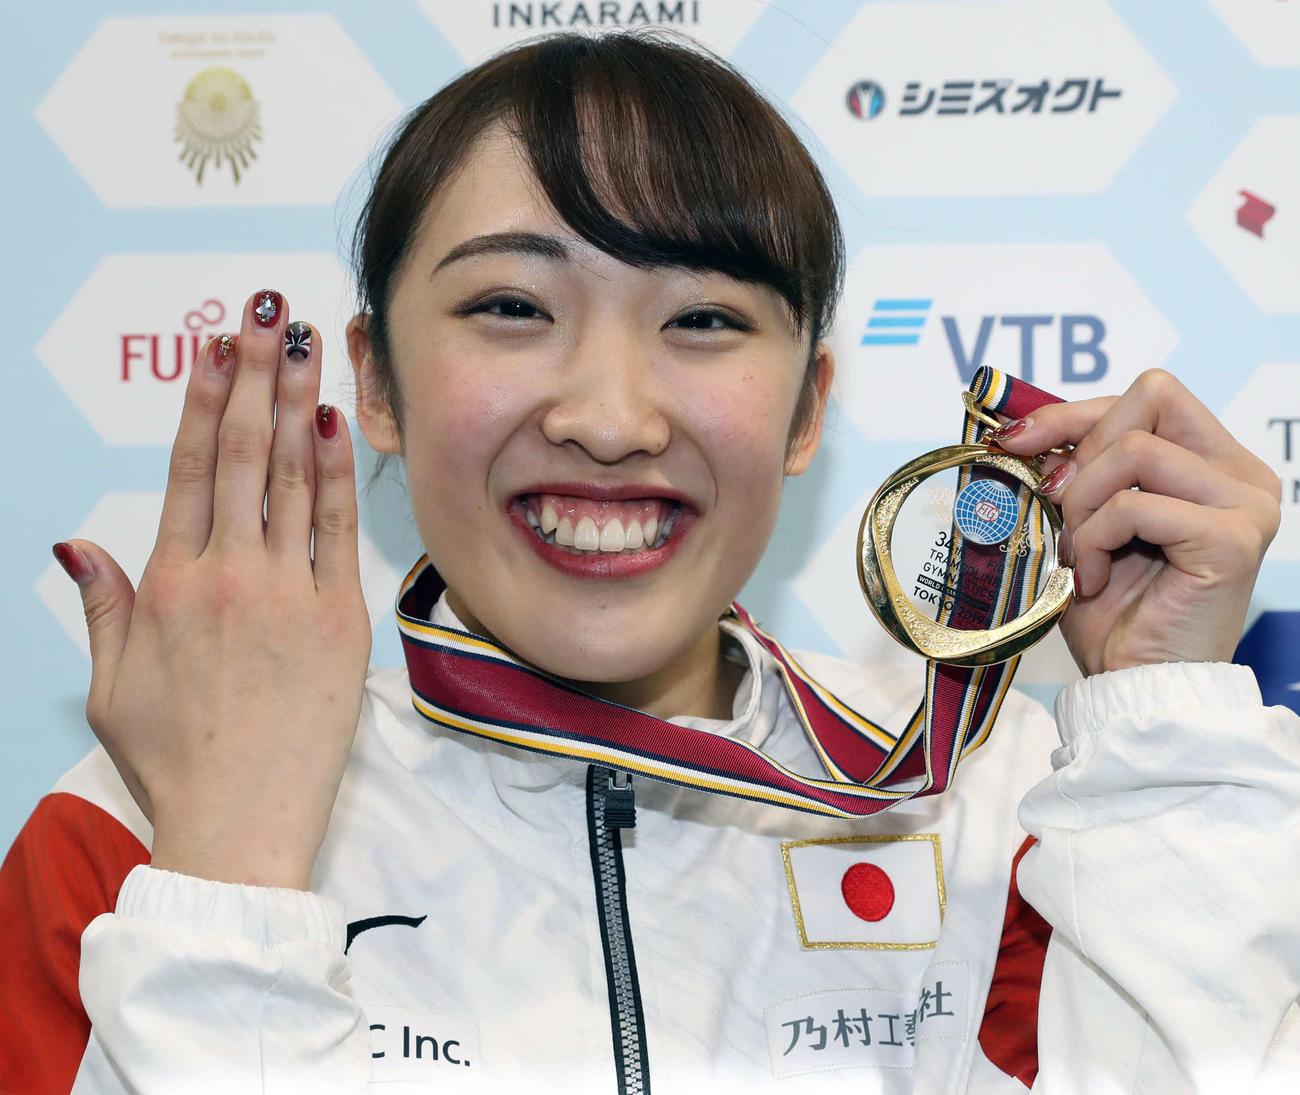 トランポリン世界選手権の女子個人決勝で優勝した森ひかるは金メダルを手にネイルを披露(2019年12月1日撮影)